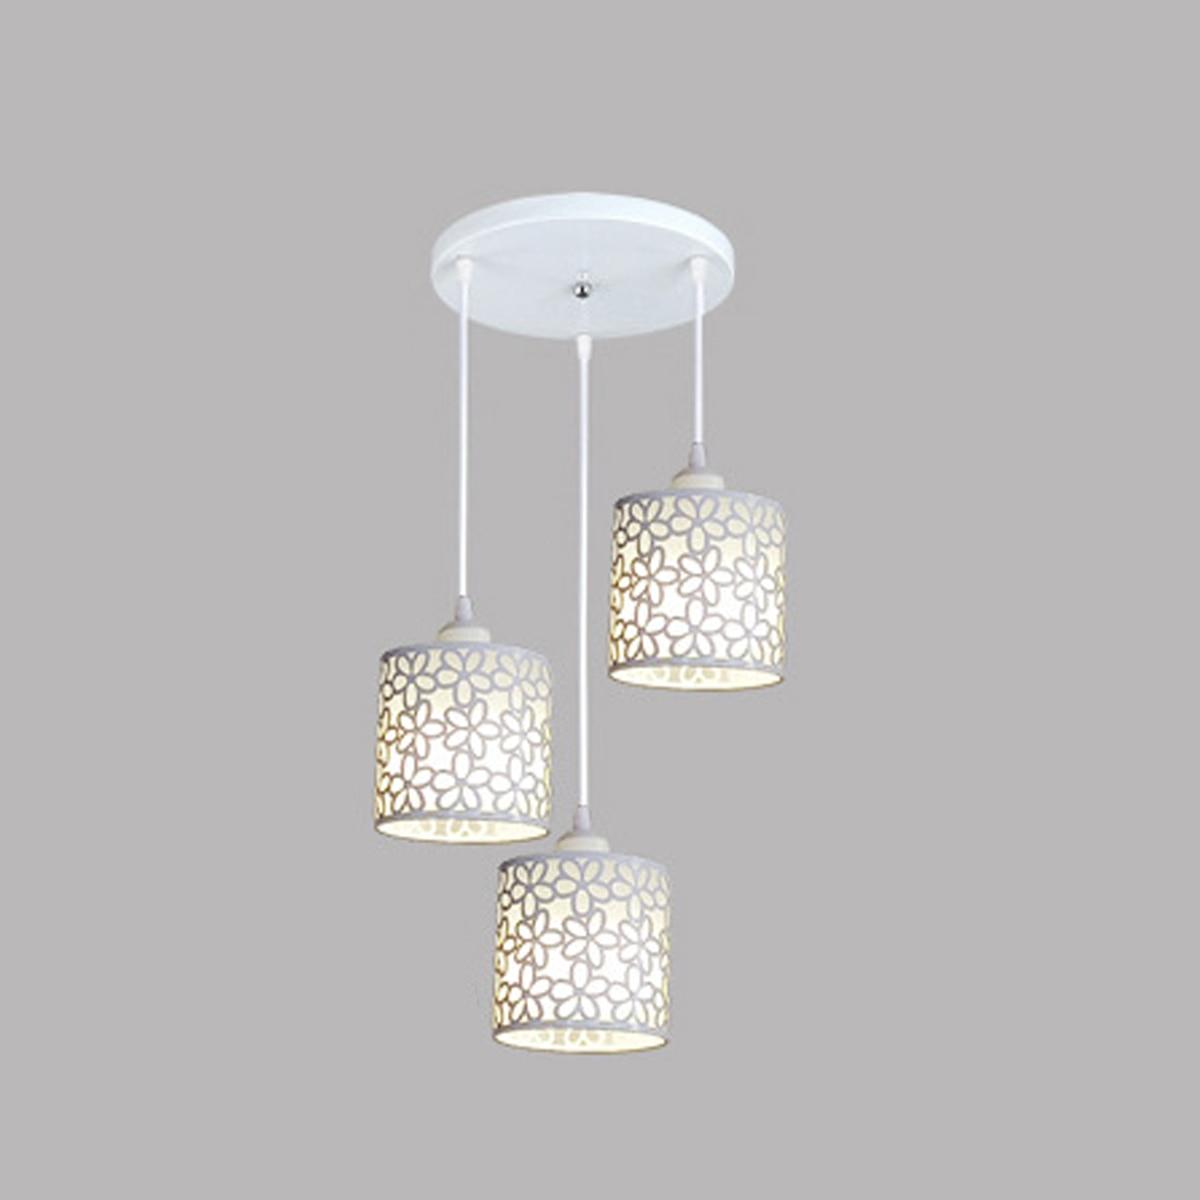 מודרני נורדי LED תליון אורות גופי ברזל חלול החוצה תליית תליון מנורת עיצוב הבית עבור אוכל חדר שינה חנות בר